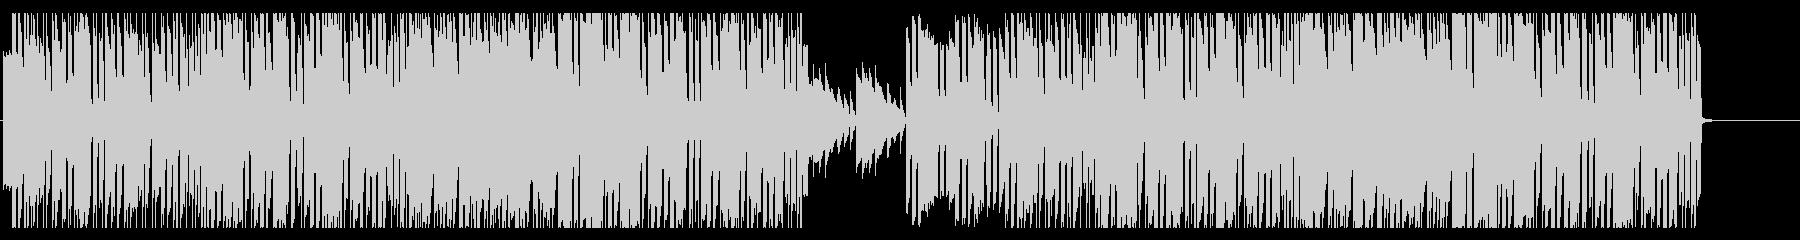 シンセベースのリフが印象的なBGMの未再生の波形